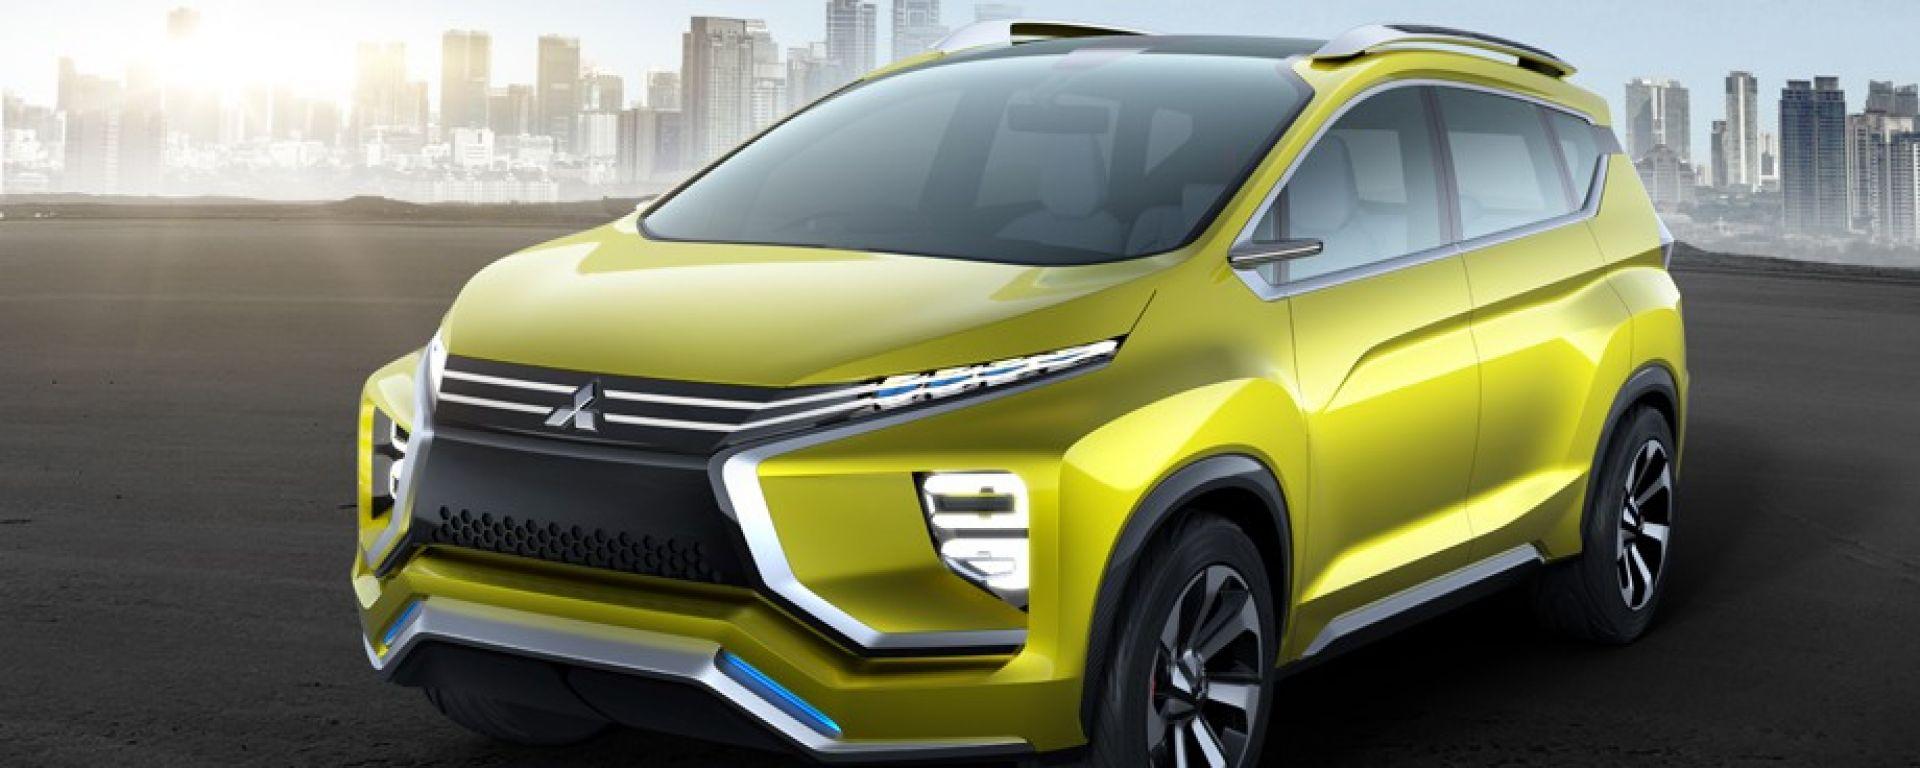 Mitsubishi XM concept: presentata al Gakindo Indonesia International Auto Show